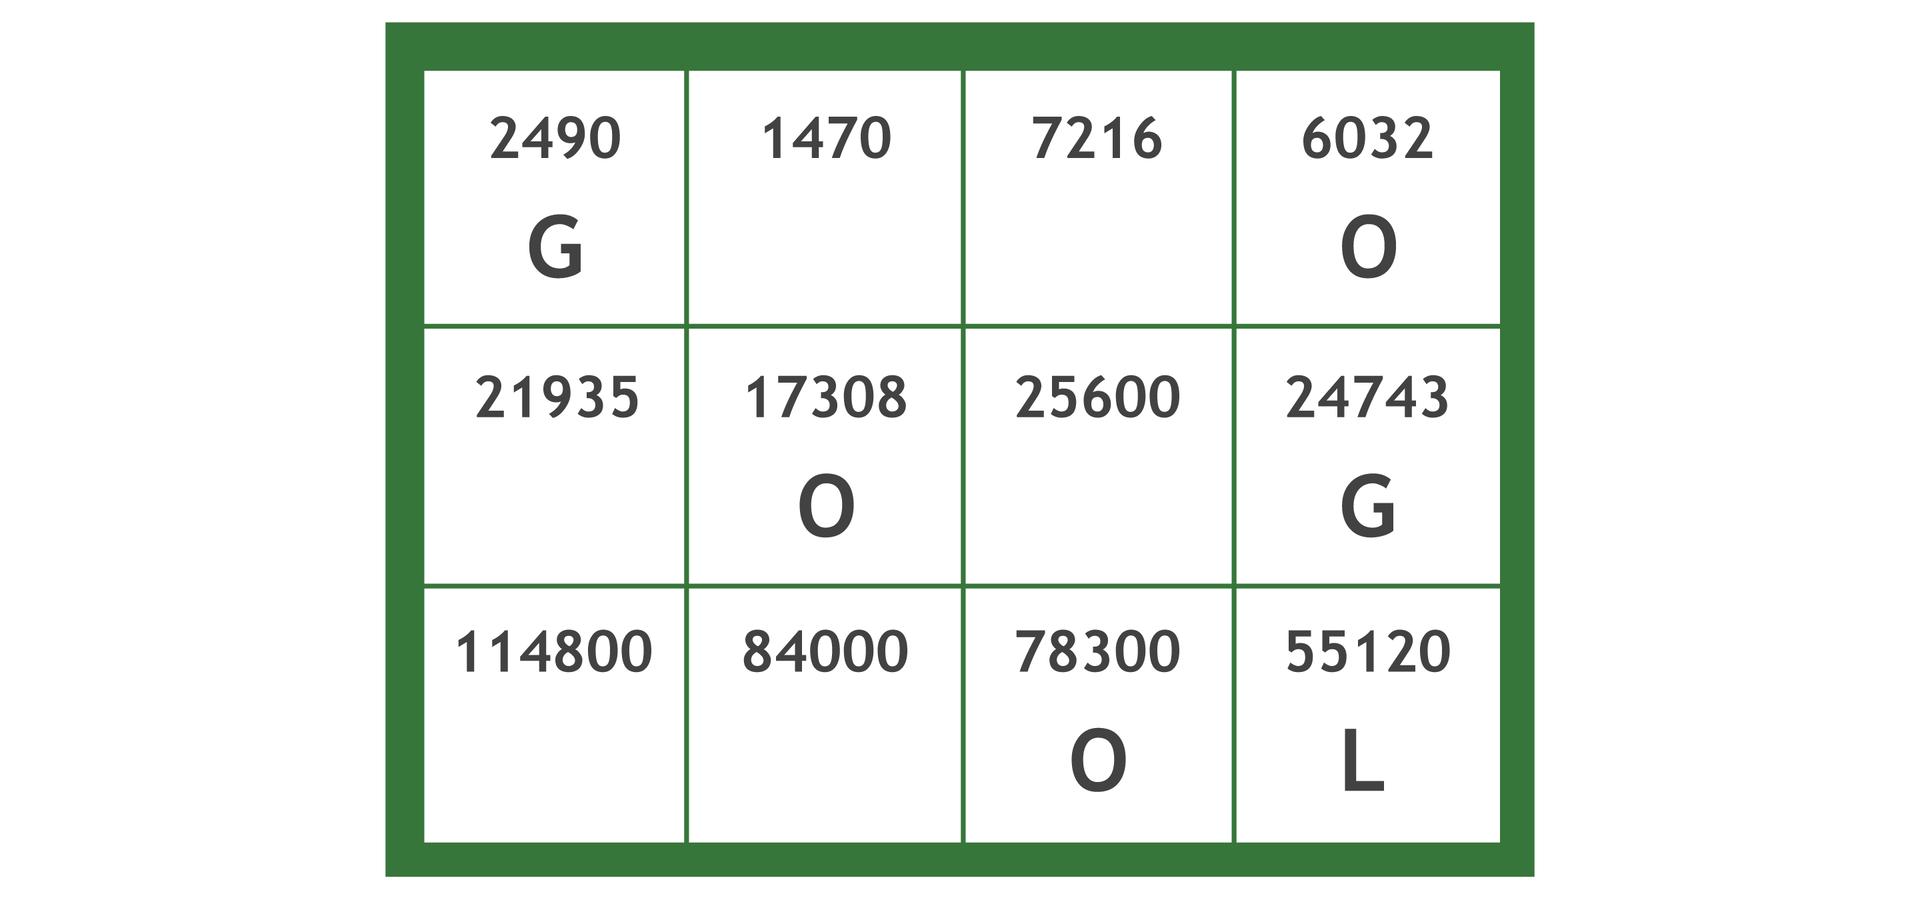 Tabela zhasłem: GOOGOL. Rozwiązanie zadania.